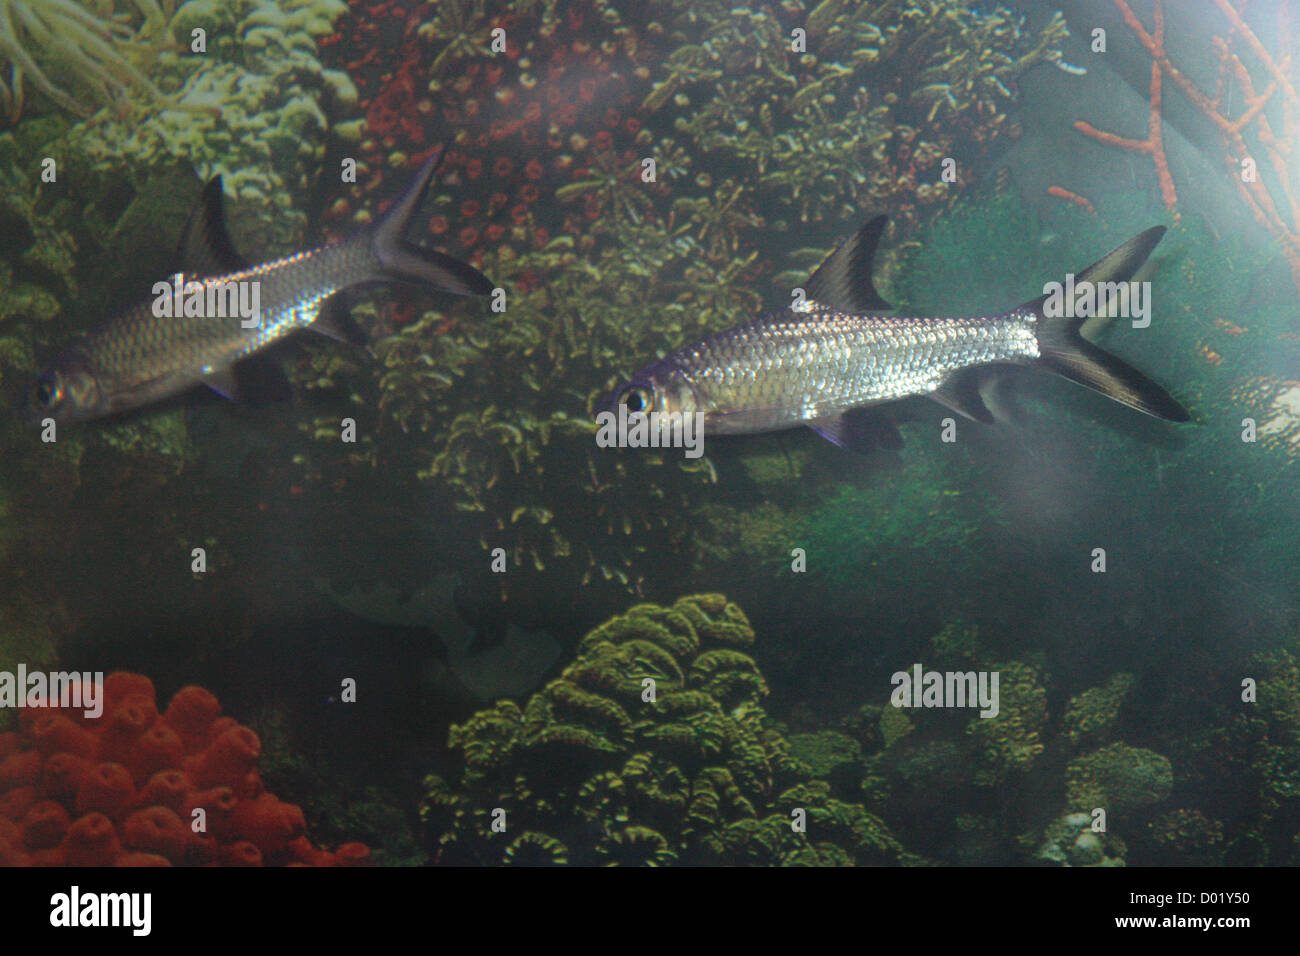 Los peces de agua dulce peces de acuario peces for Produccion de peces en estanques